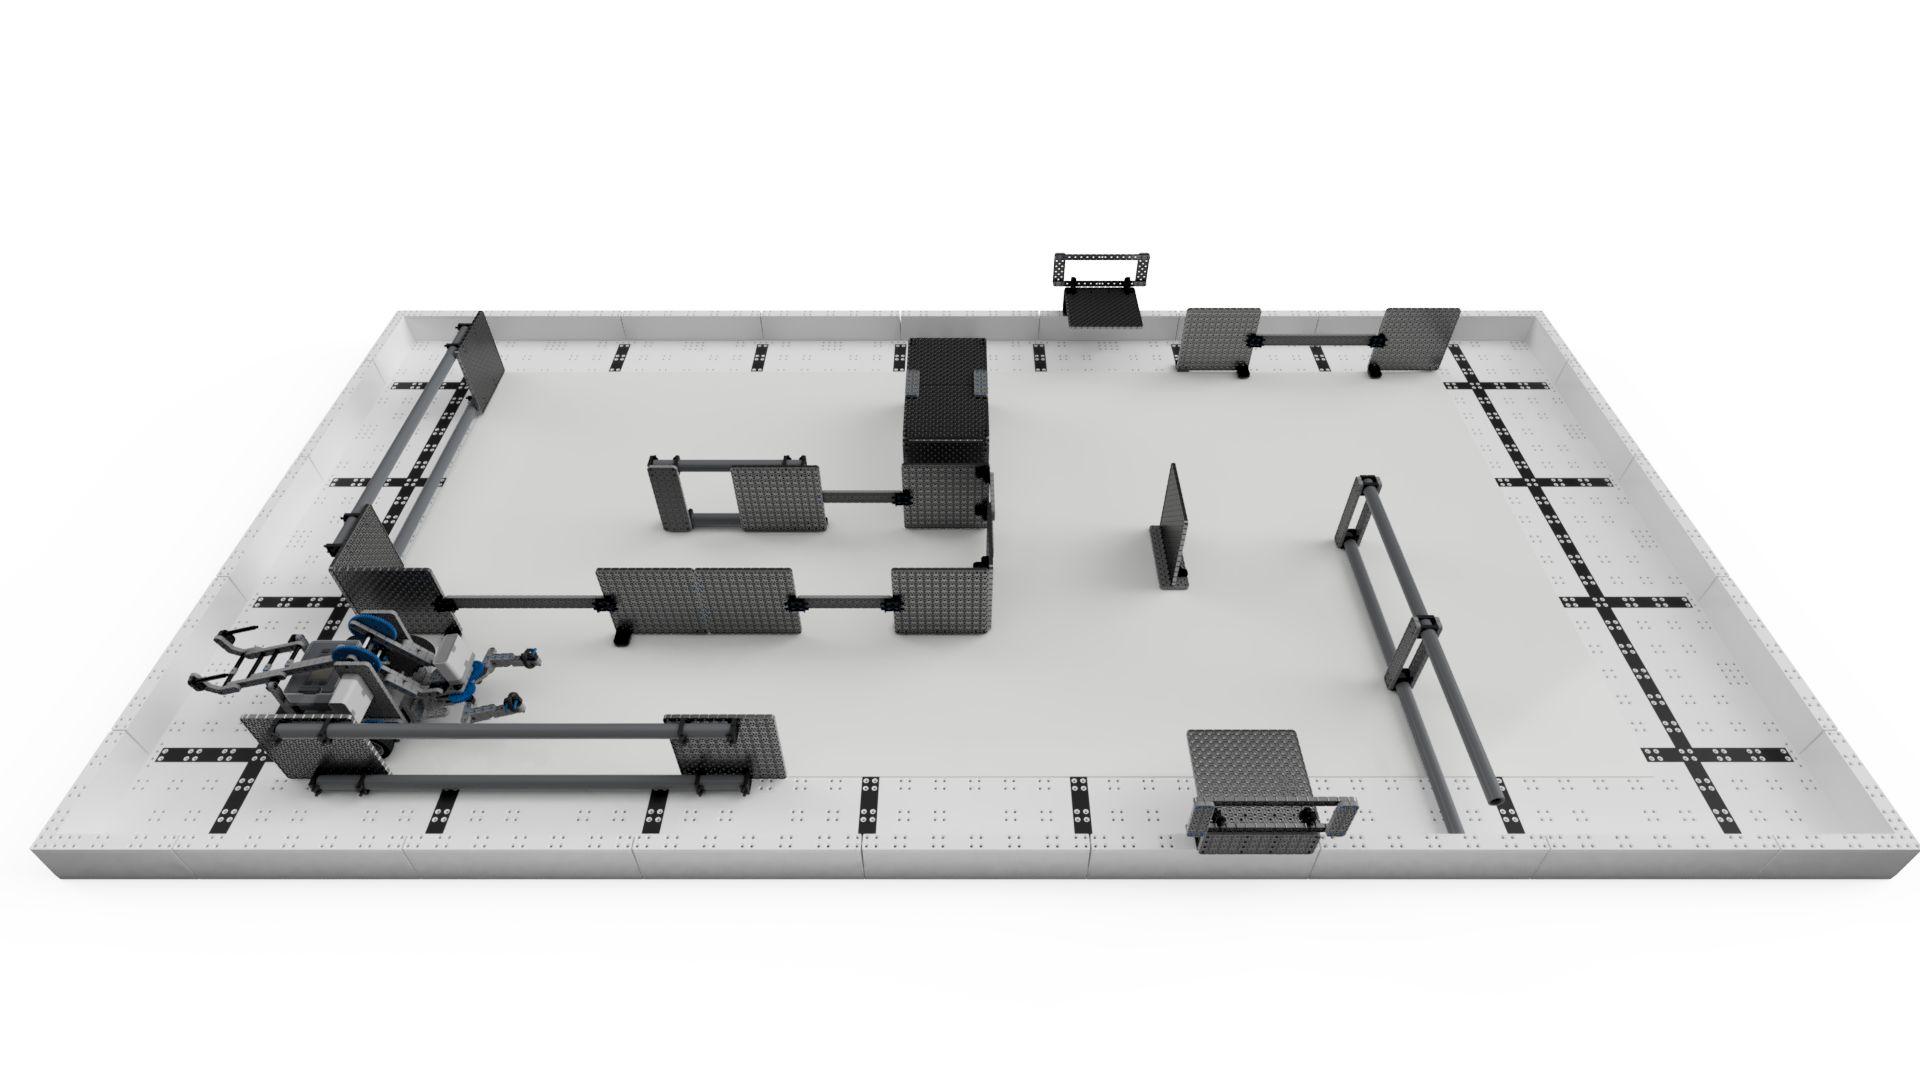 Arena-de-competicao-vex-robotics-e-fabrica-de-nerdes-2018-sep-27-12-46-44pm-000-customizedview26814774121-3500-3500